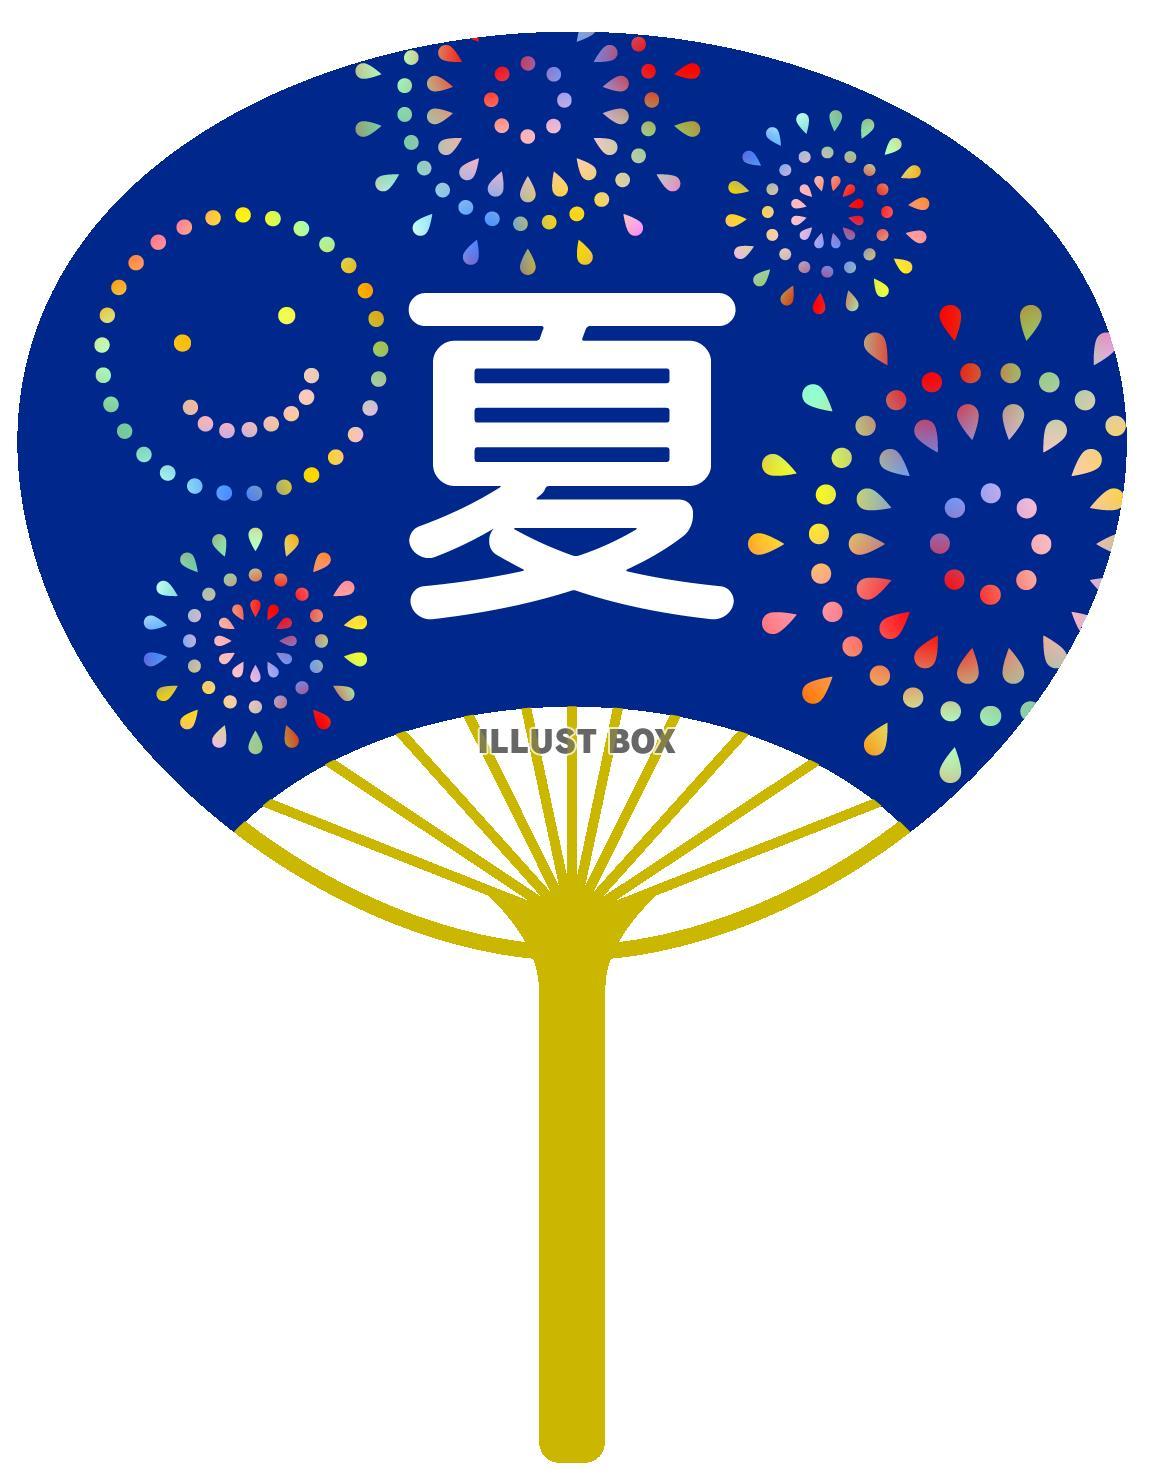 無料イラスト 夏の文字と笑顔の花火の団扇